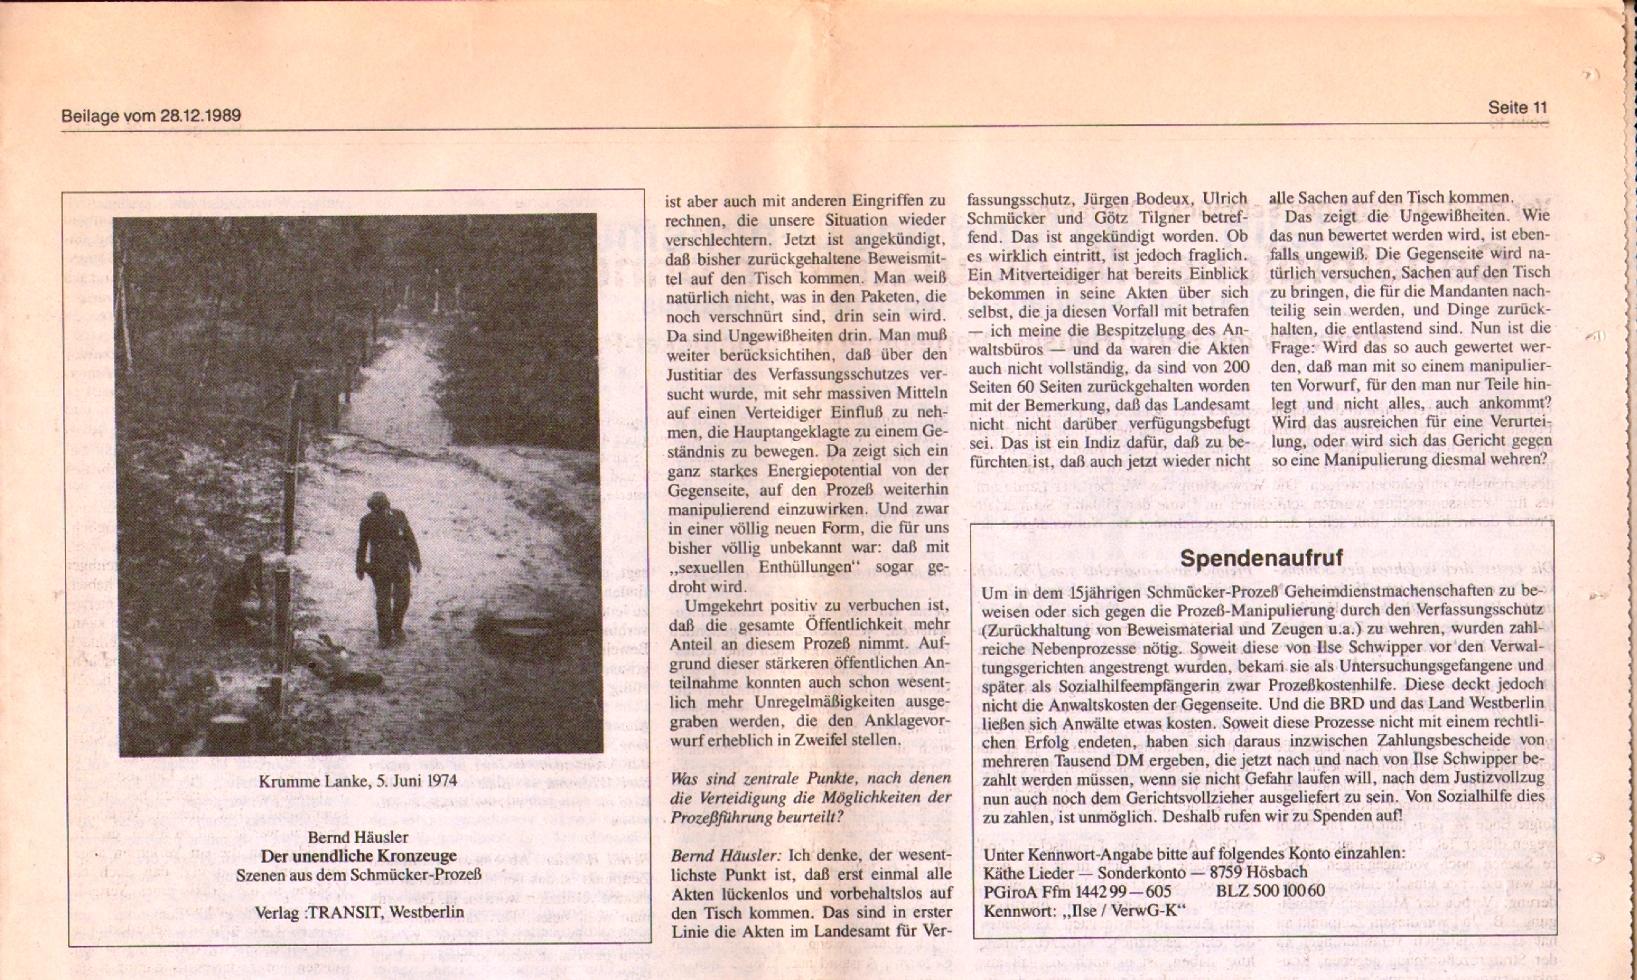 Gemeinsame_Beilage_1989_04_21